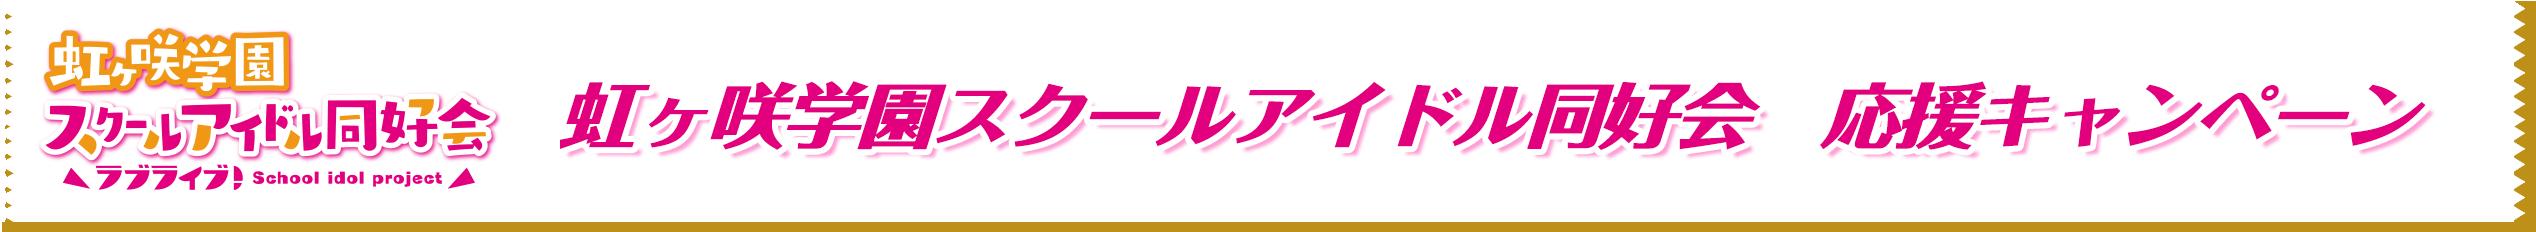 虹虹ヶ咲学園スクールアイドル同好会 応援キャンペーン